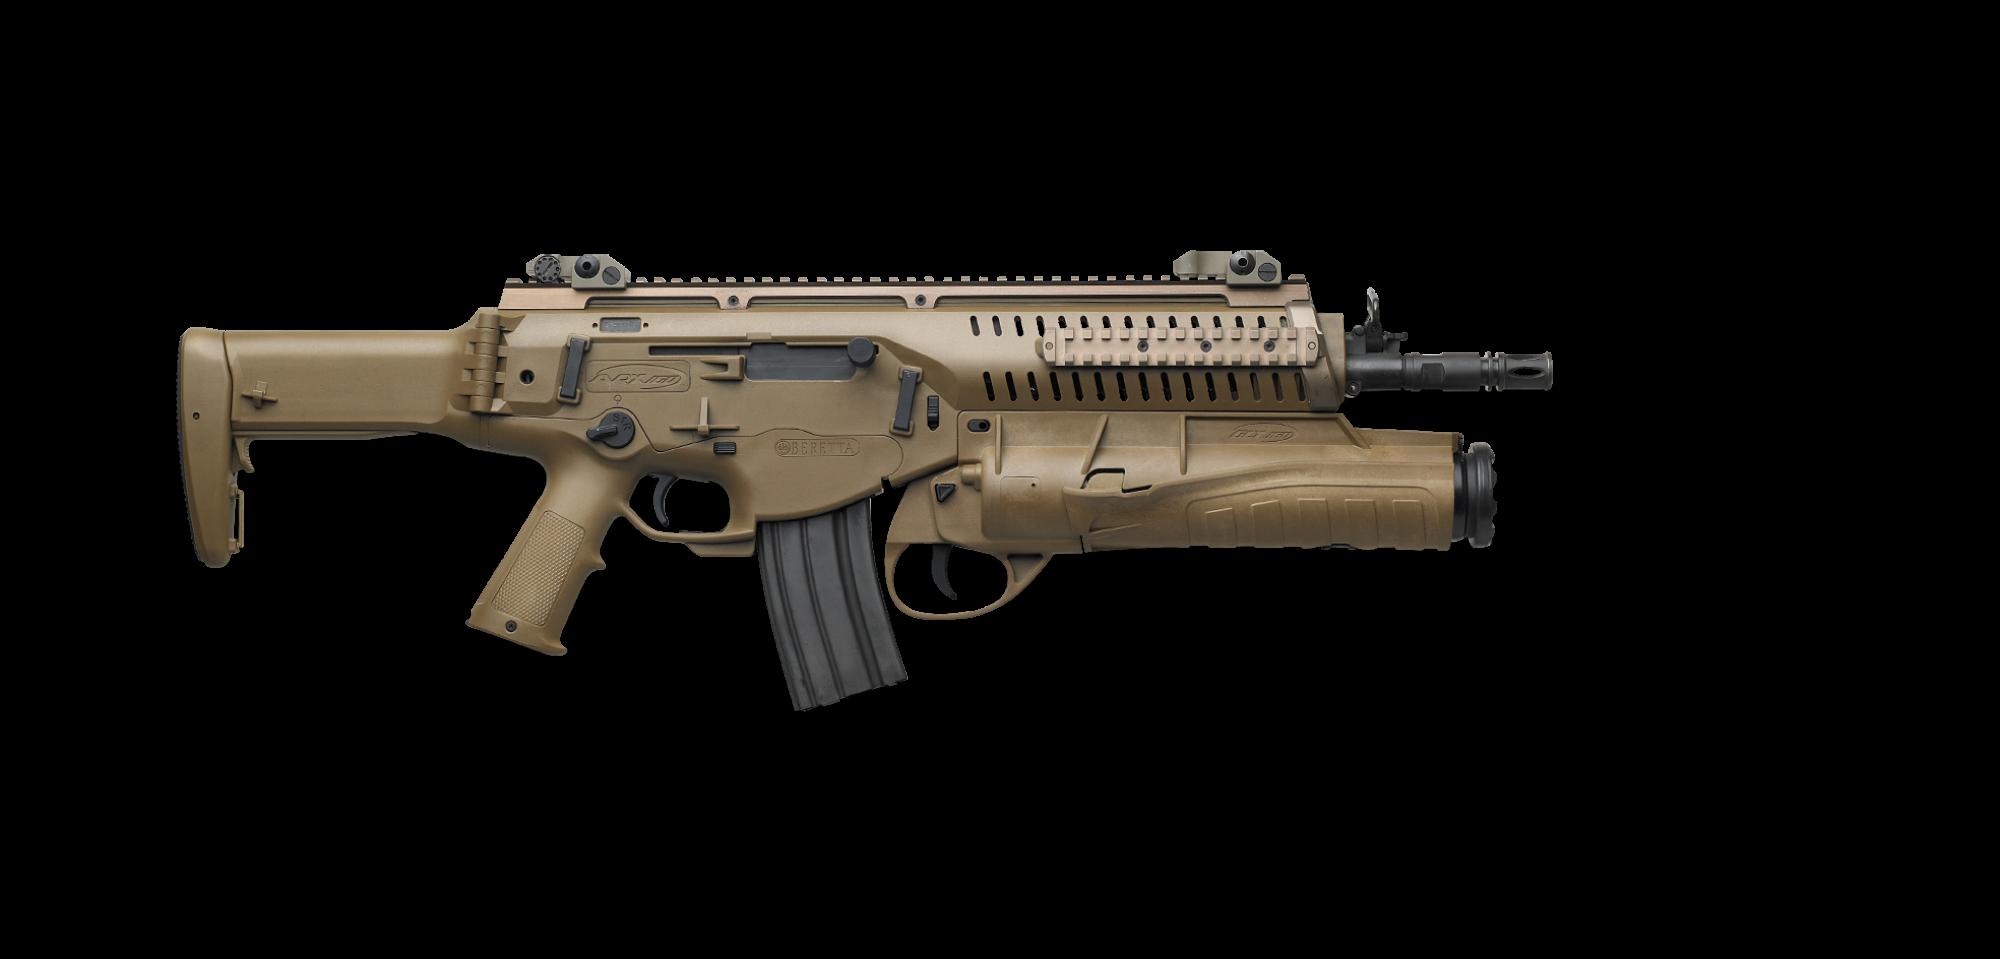 Beretta's ARX-160